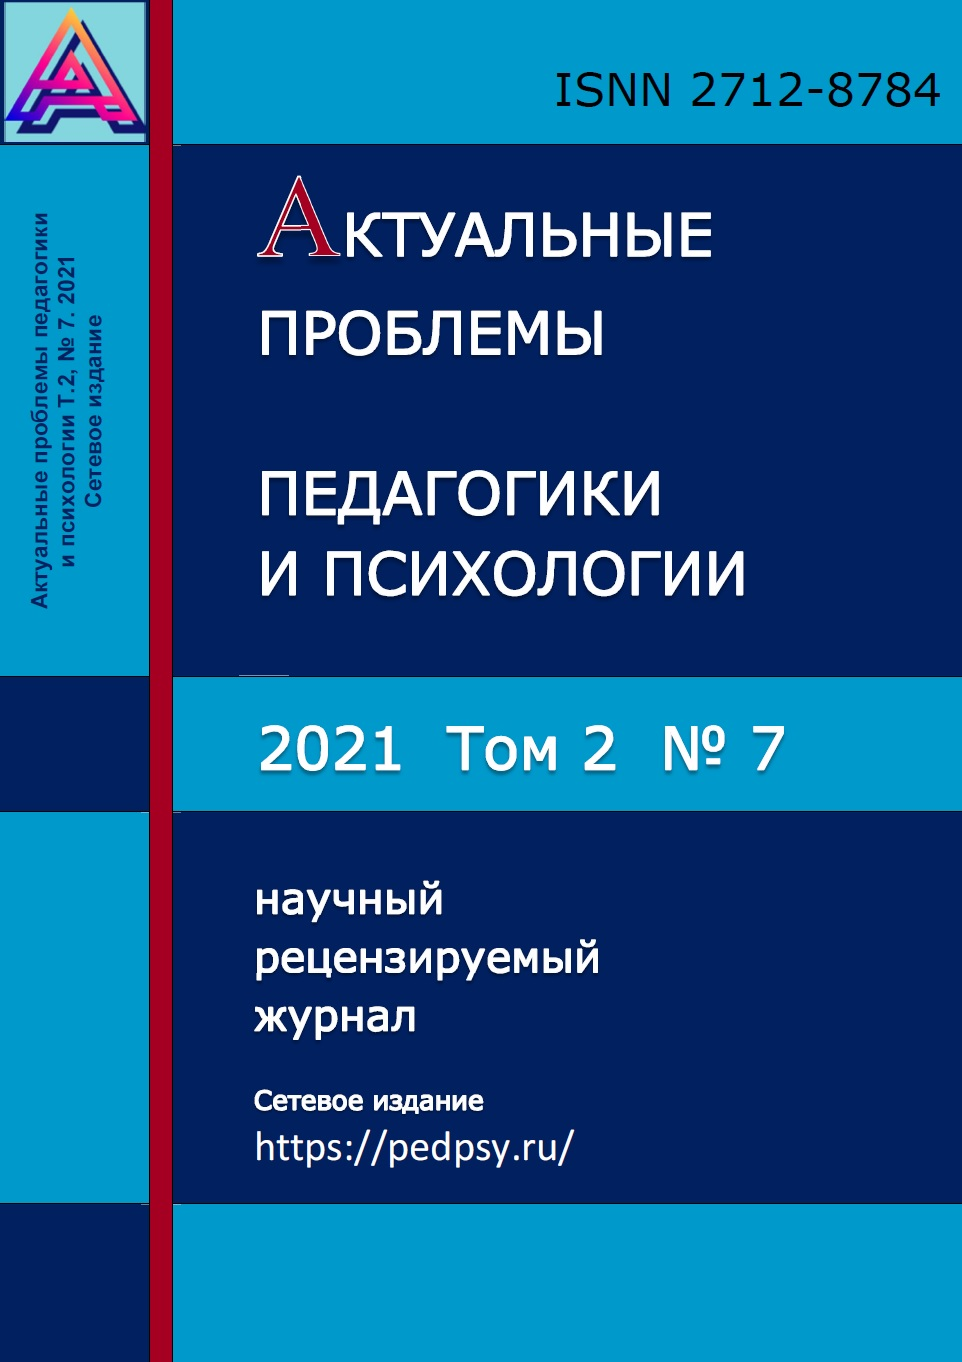 Показать Том 2 № 7 (2021): Актуальные проблемы педагогики и психологии